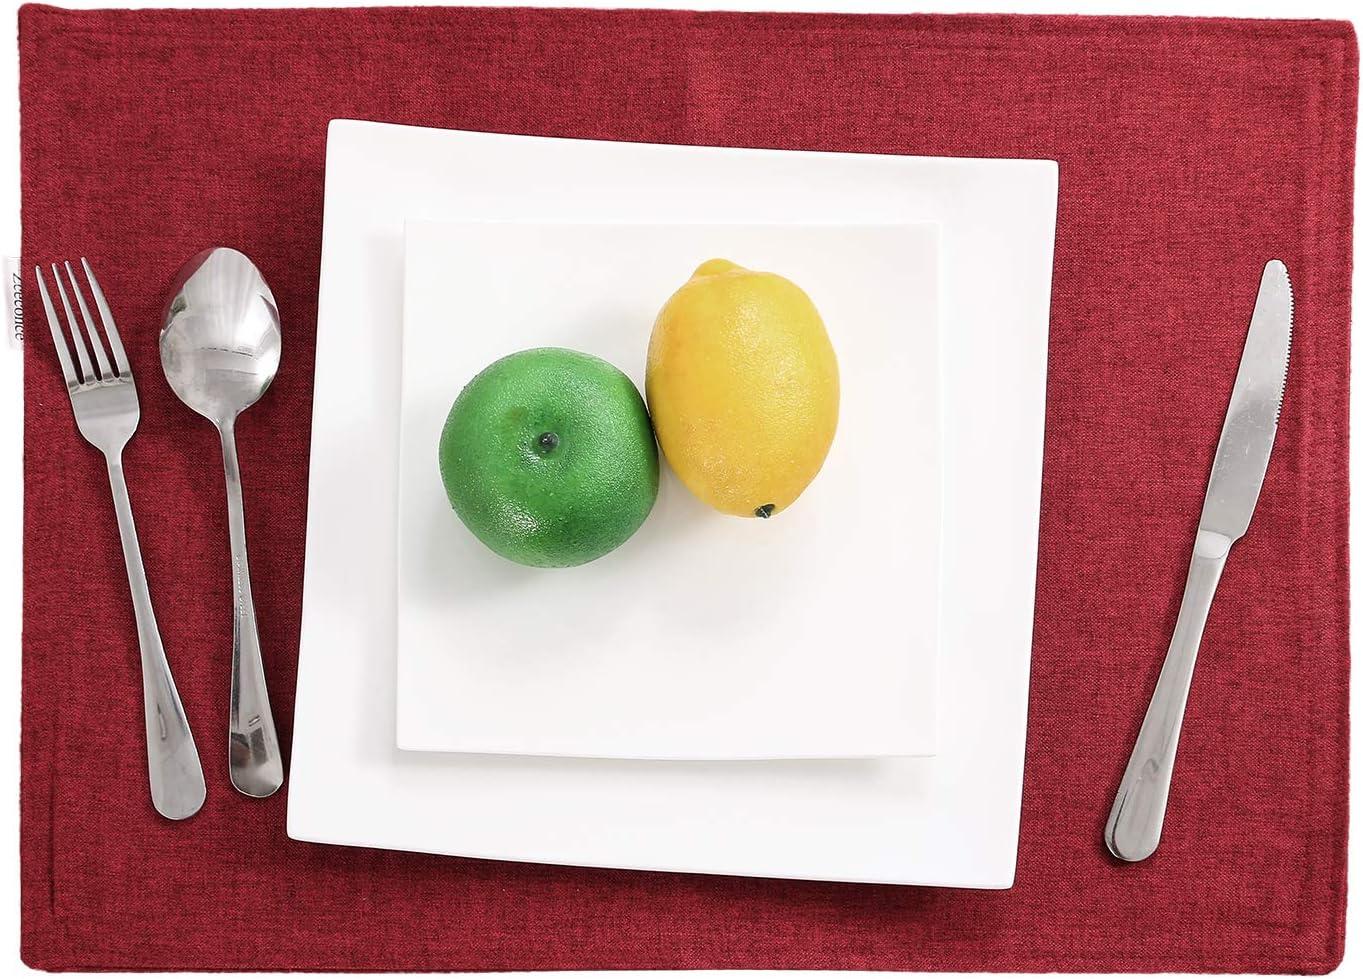 春の新作 Zceconce Rectangle Tablecloth Waterproof Table Thick Linen 激安通販専門店 Cover